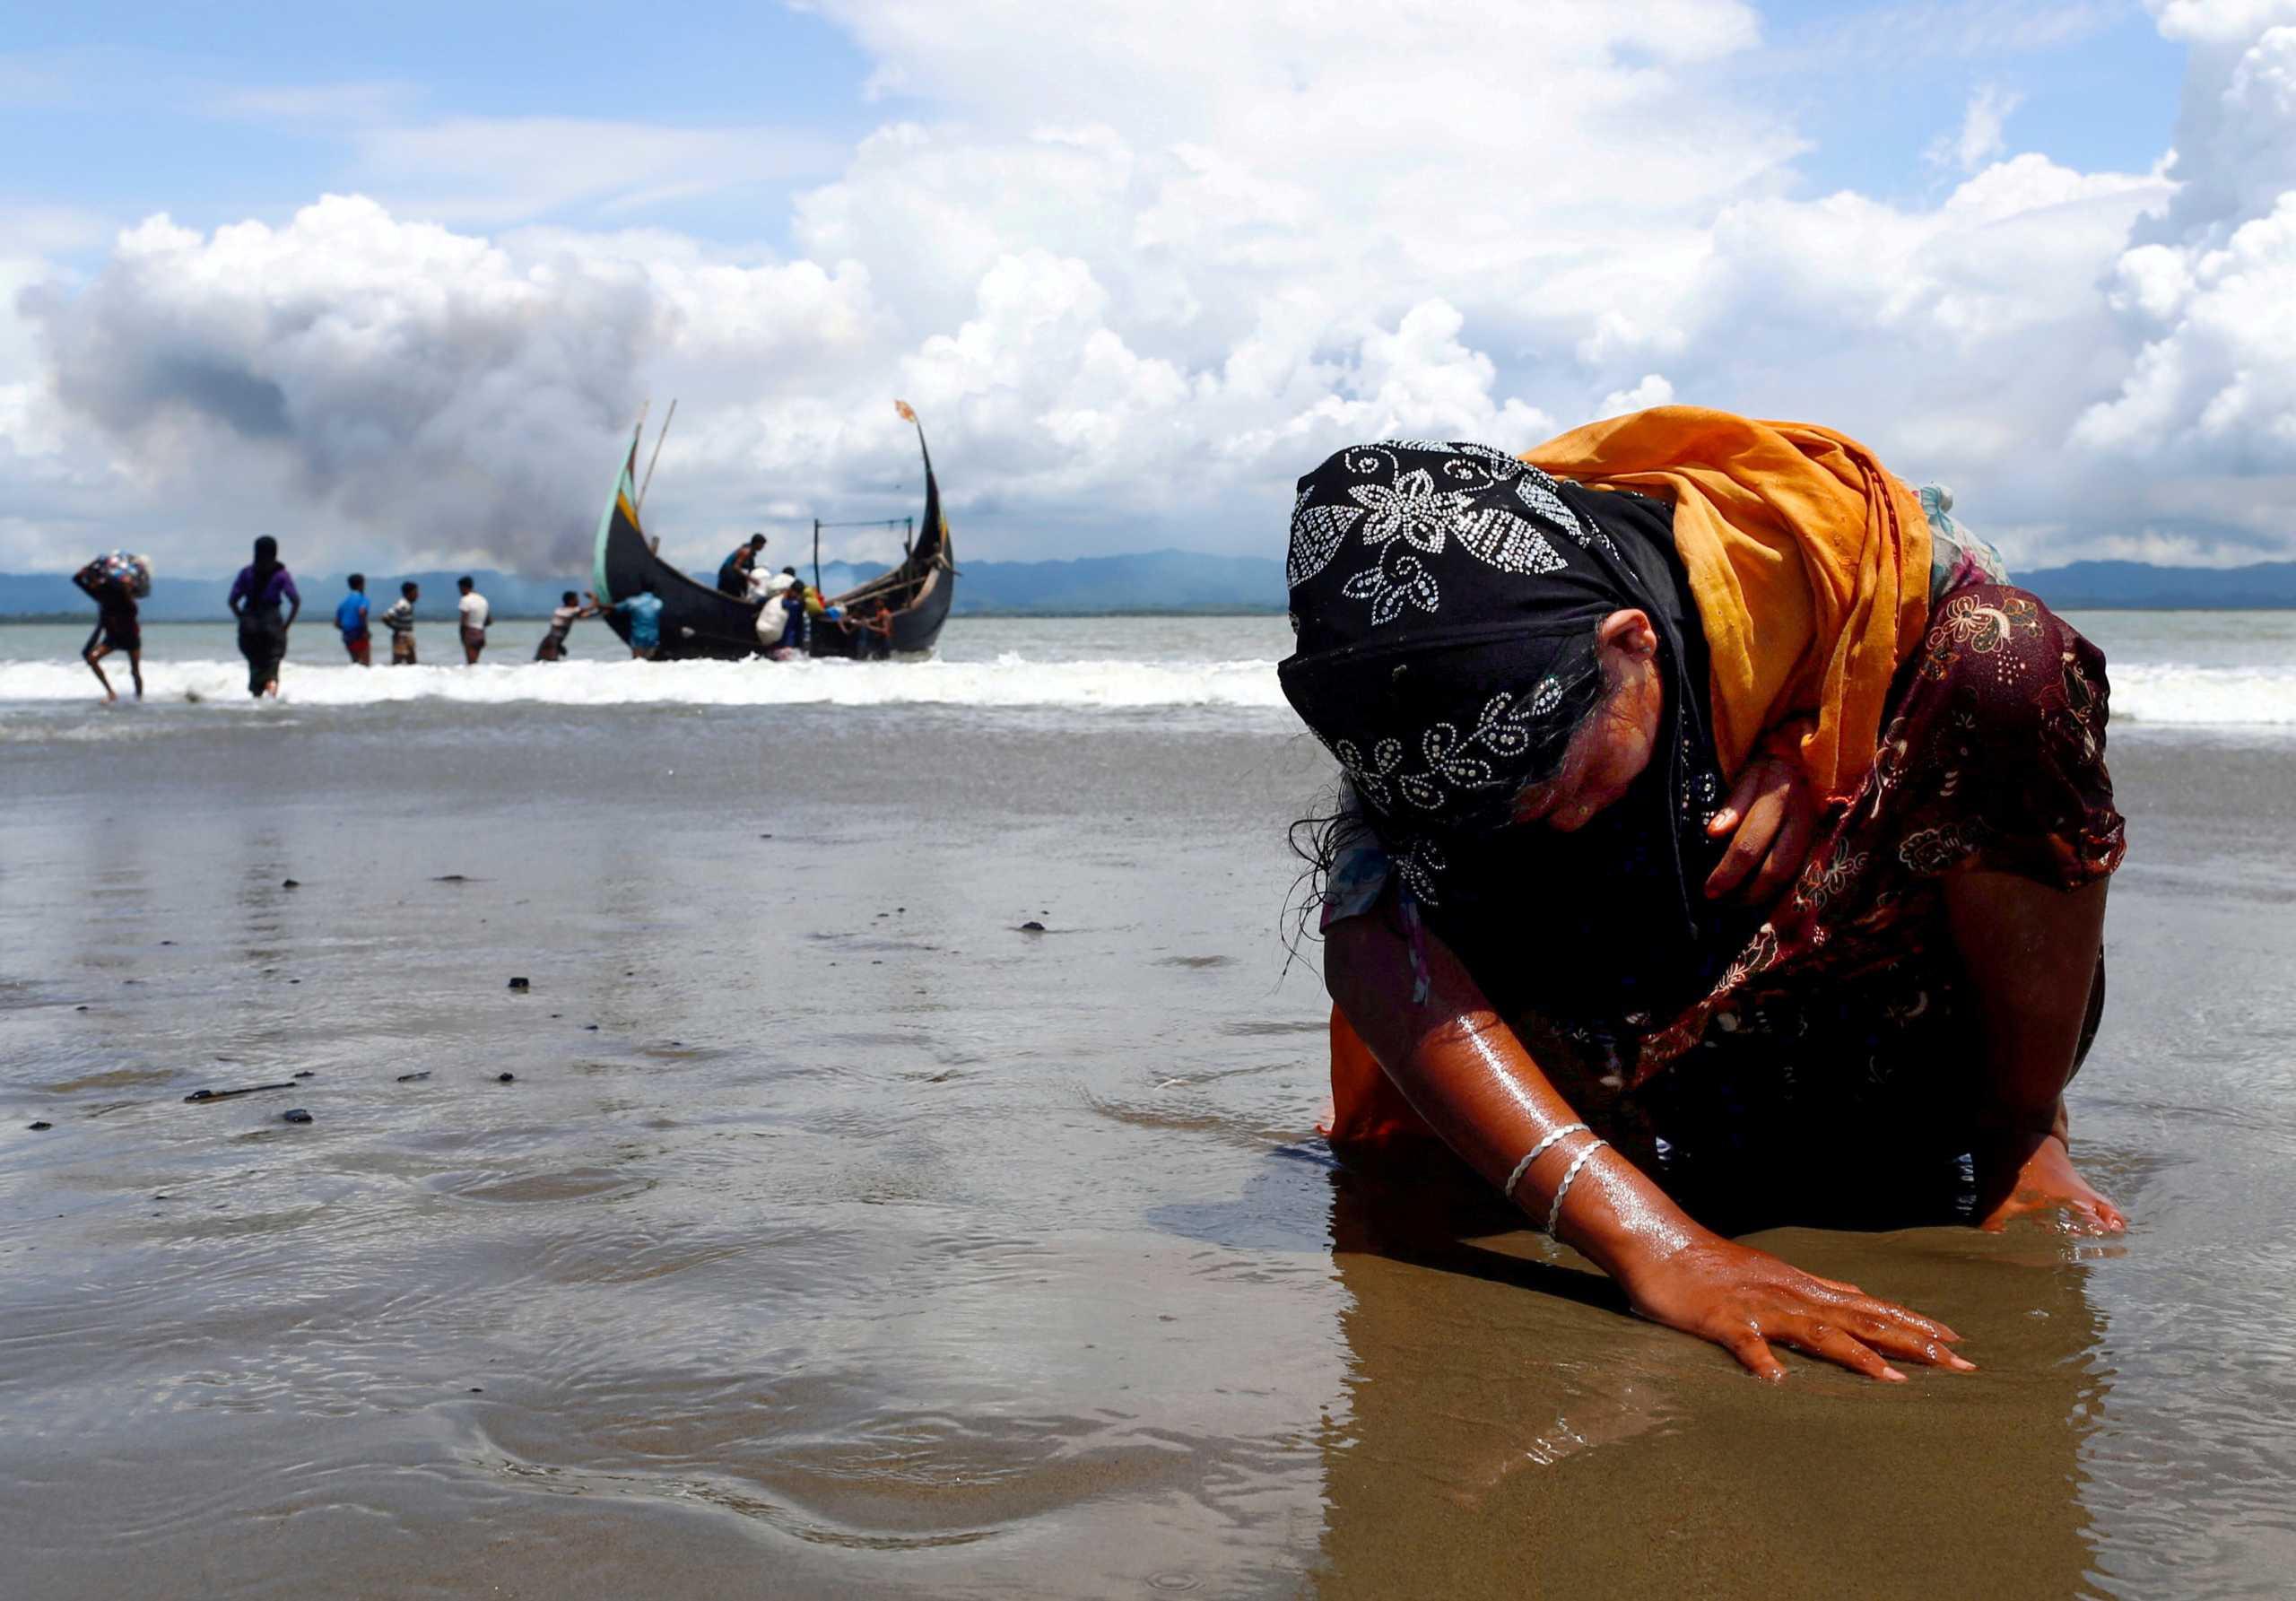 Μπανγκλαντές: Δεκάδες αγνοούμενοι Ροχίνγκιας μετά από ναυάγιο – Προσπαθούσαν να διαφύγουν από προσφυγικό καταυλισμό